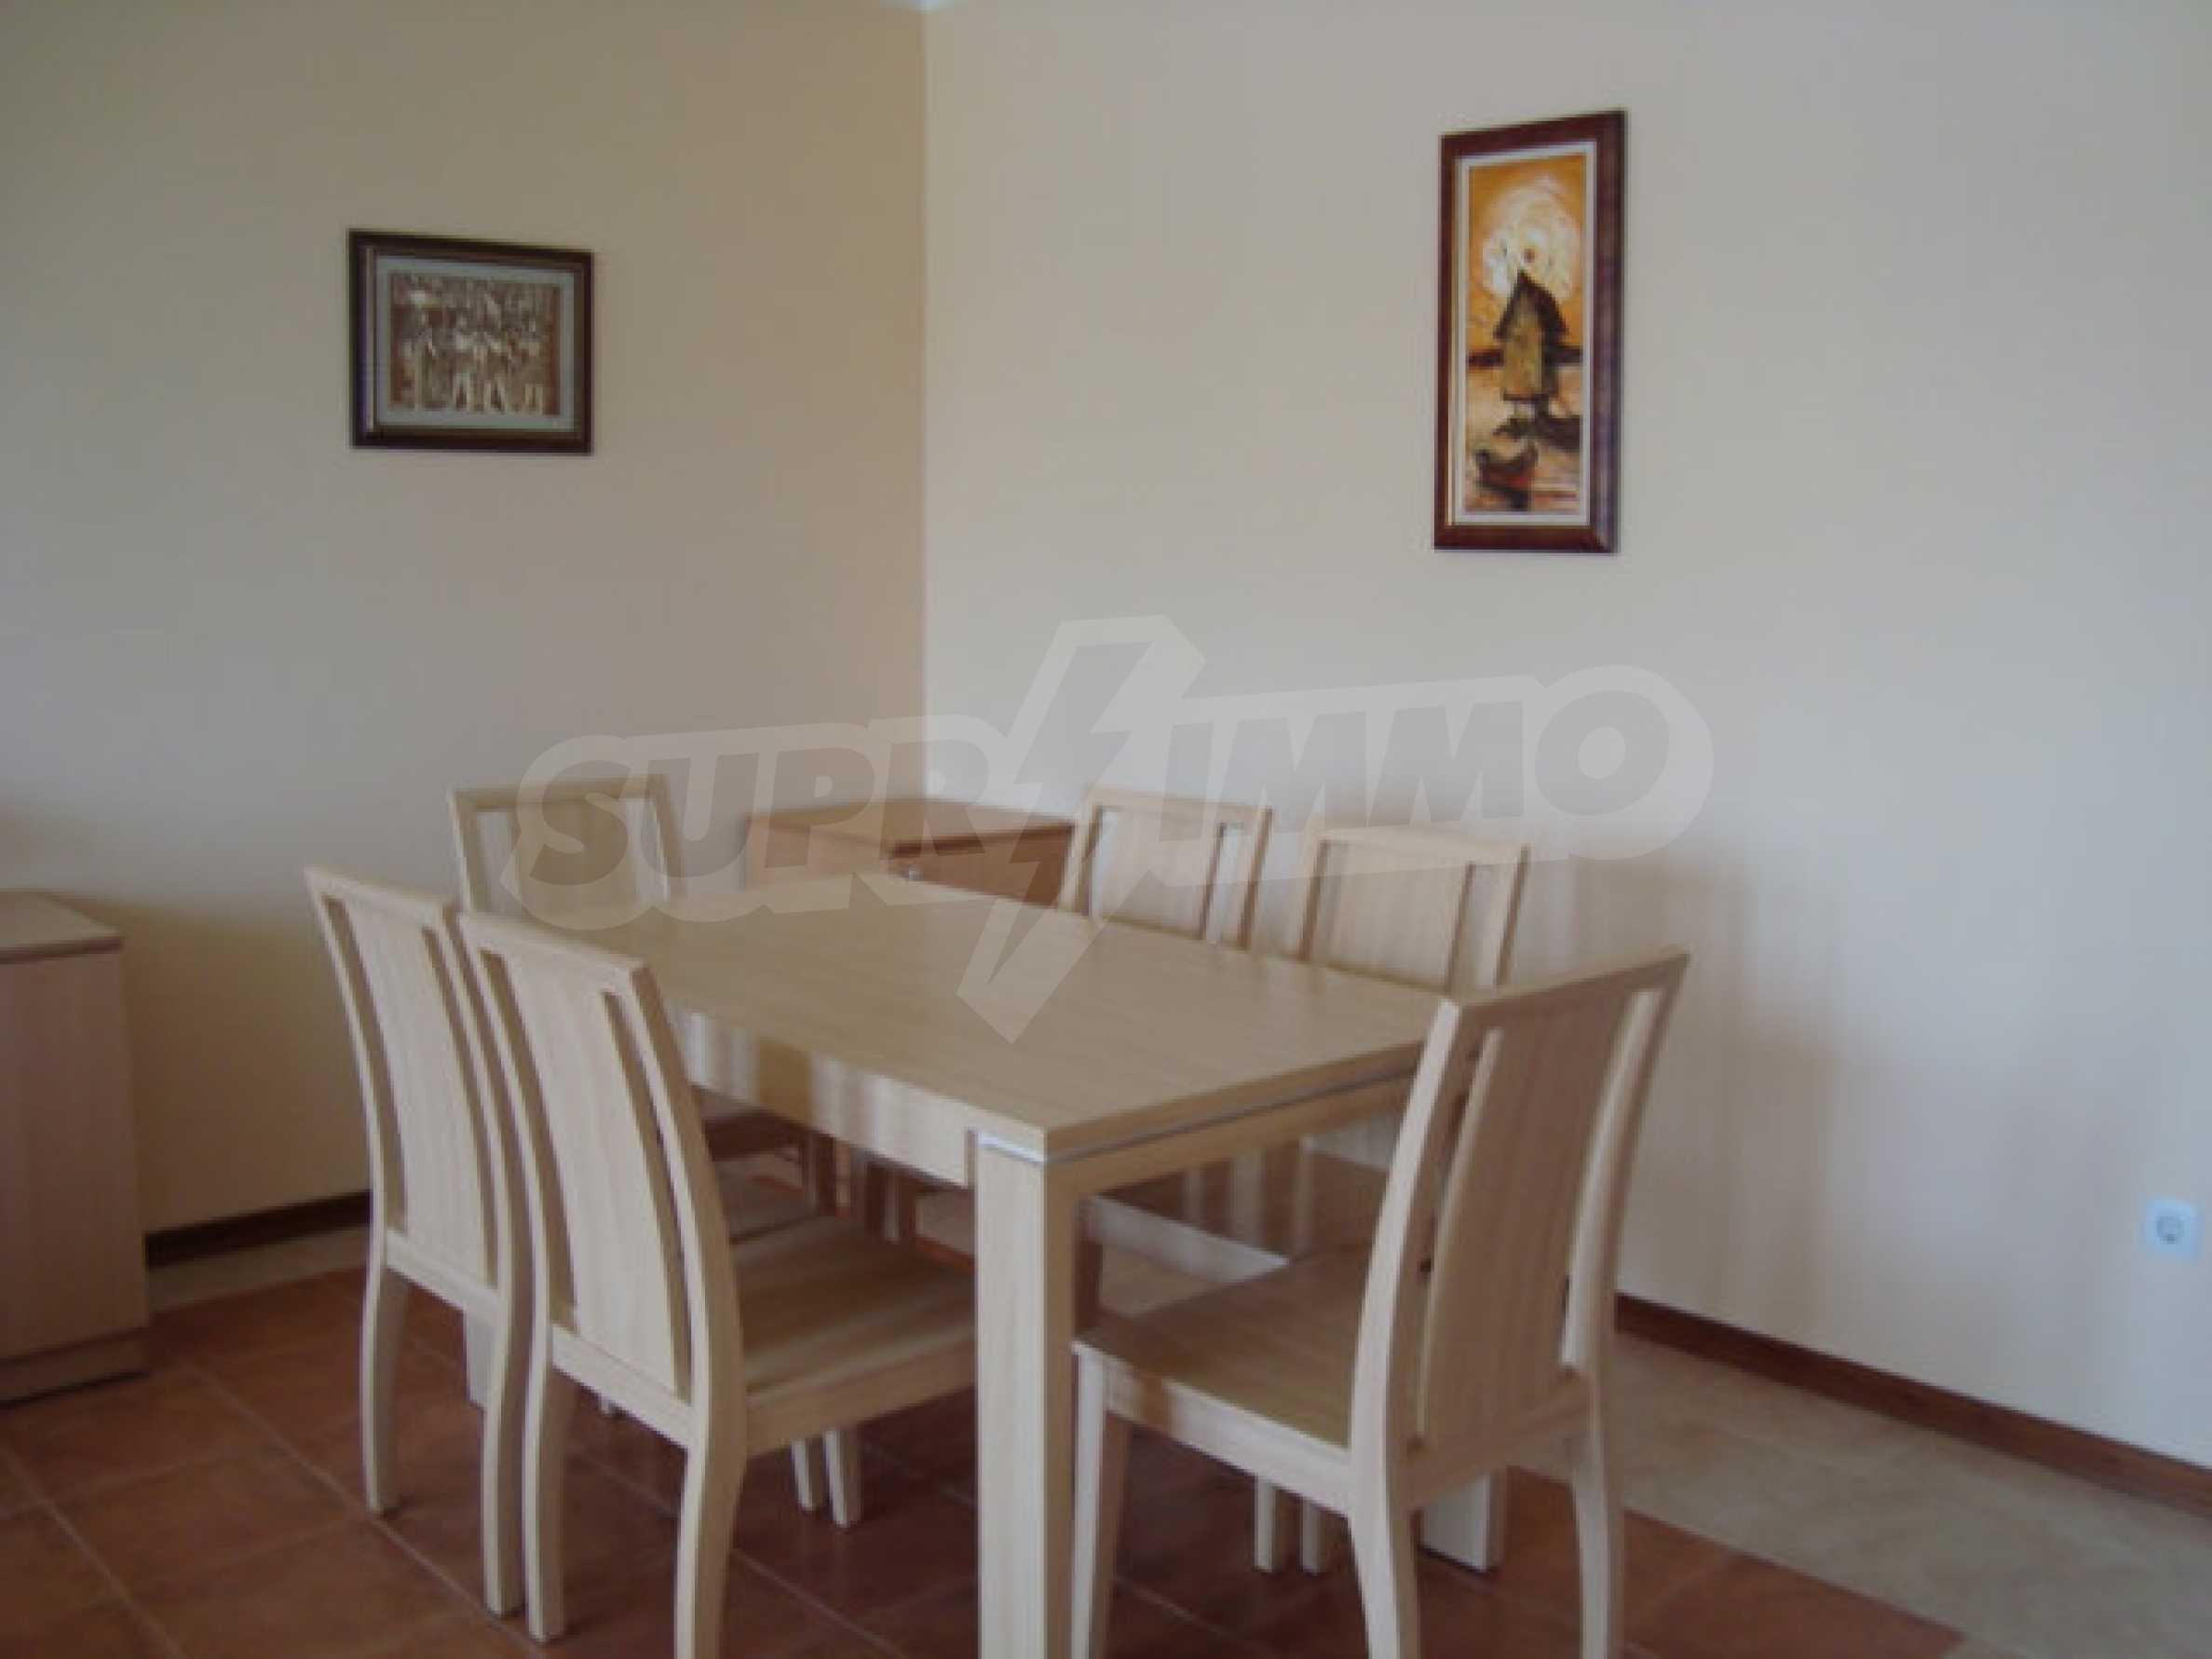 Zwei-Zimmer-Wohnung in Saint Nicholas Komplex in Chernomorets 5